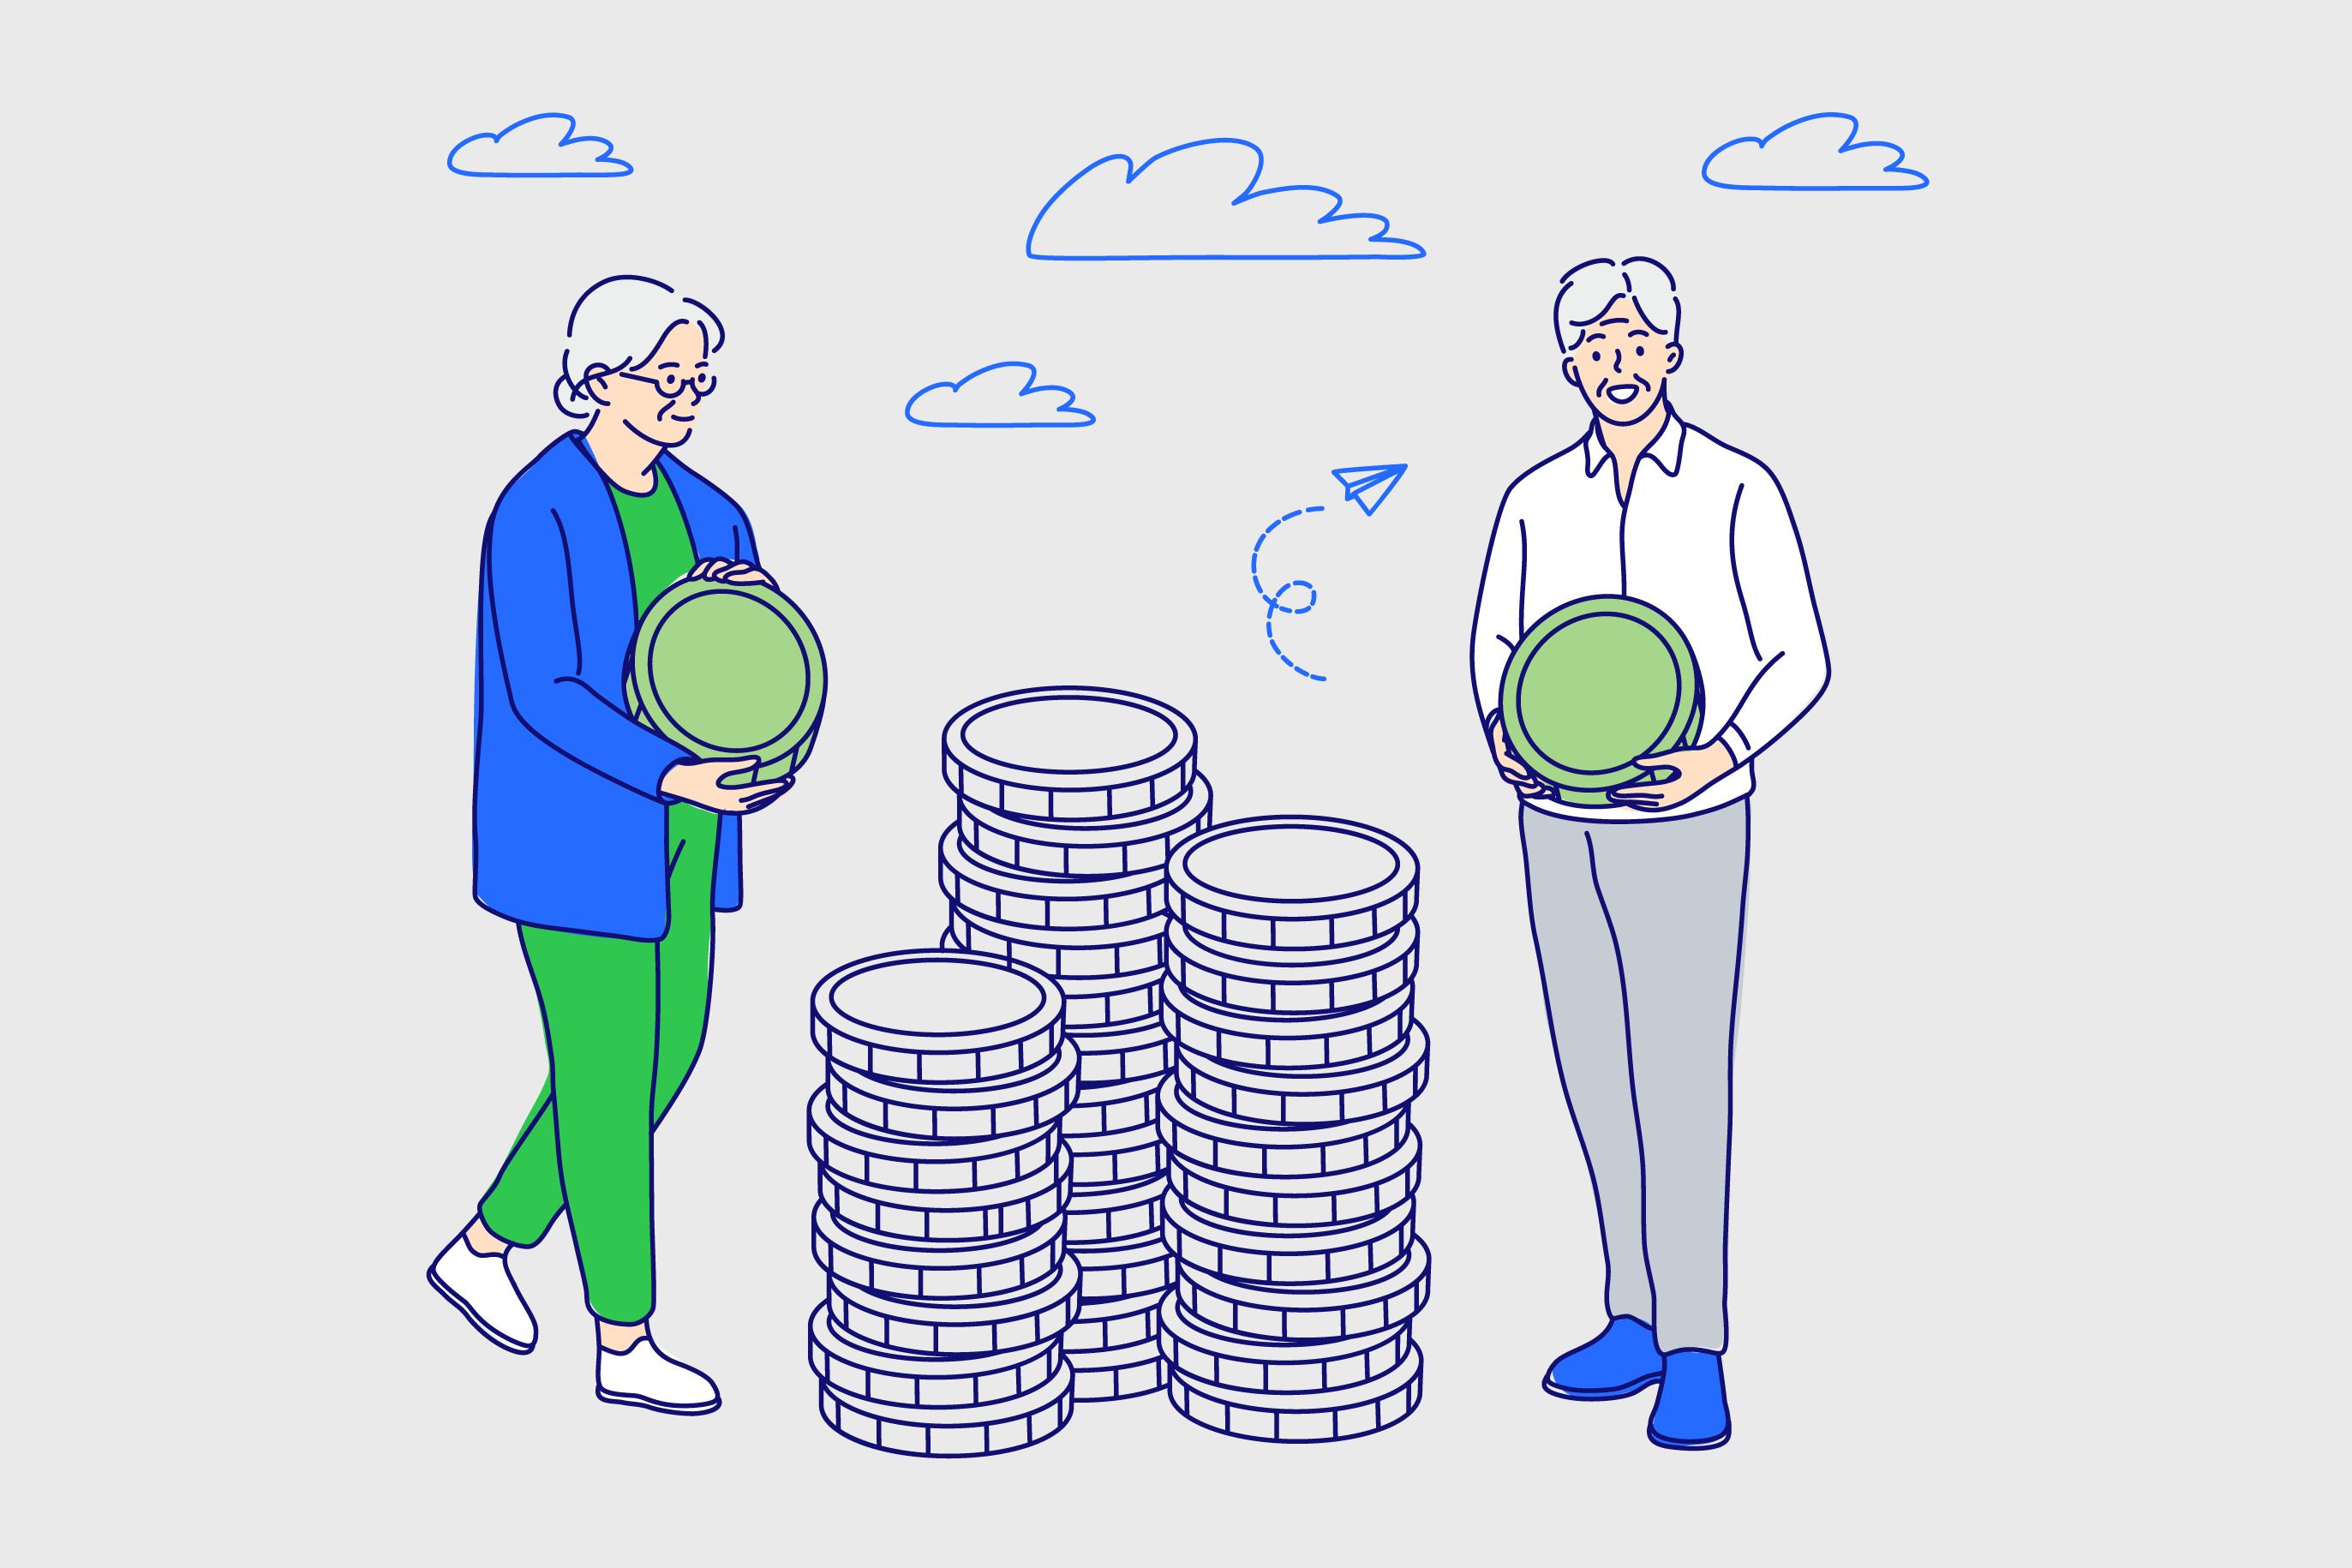 Investimentos para aposentados, faz sentido?